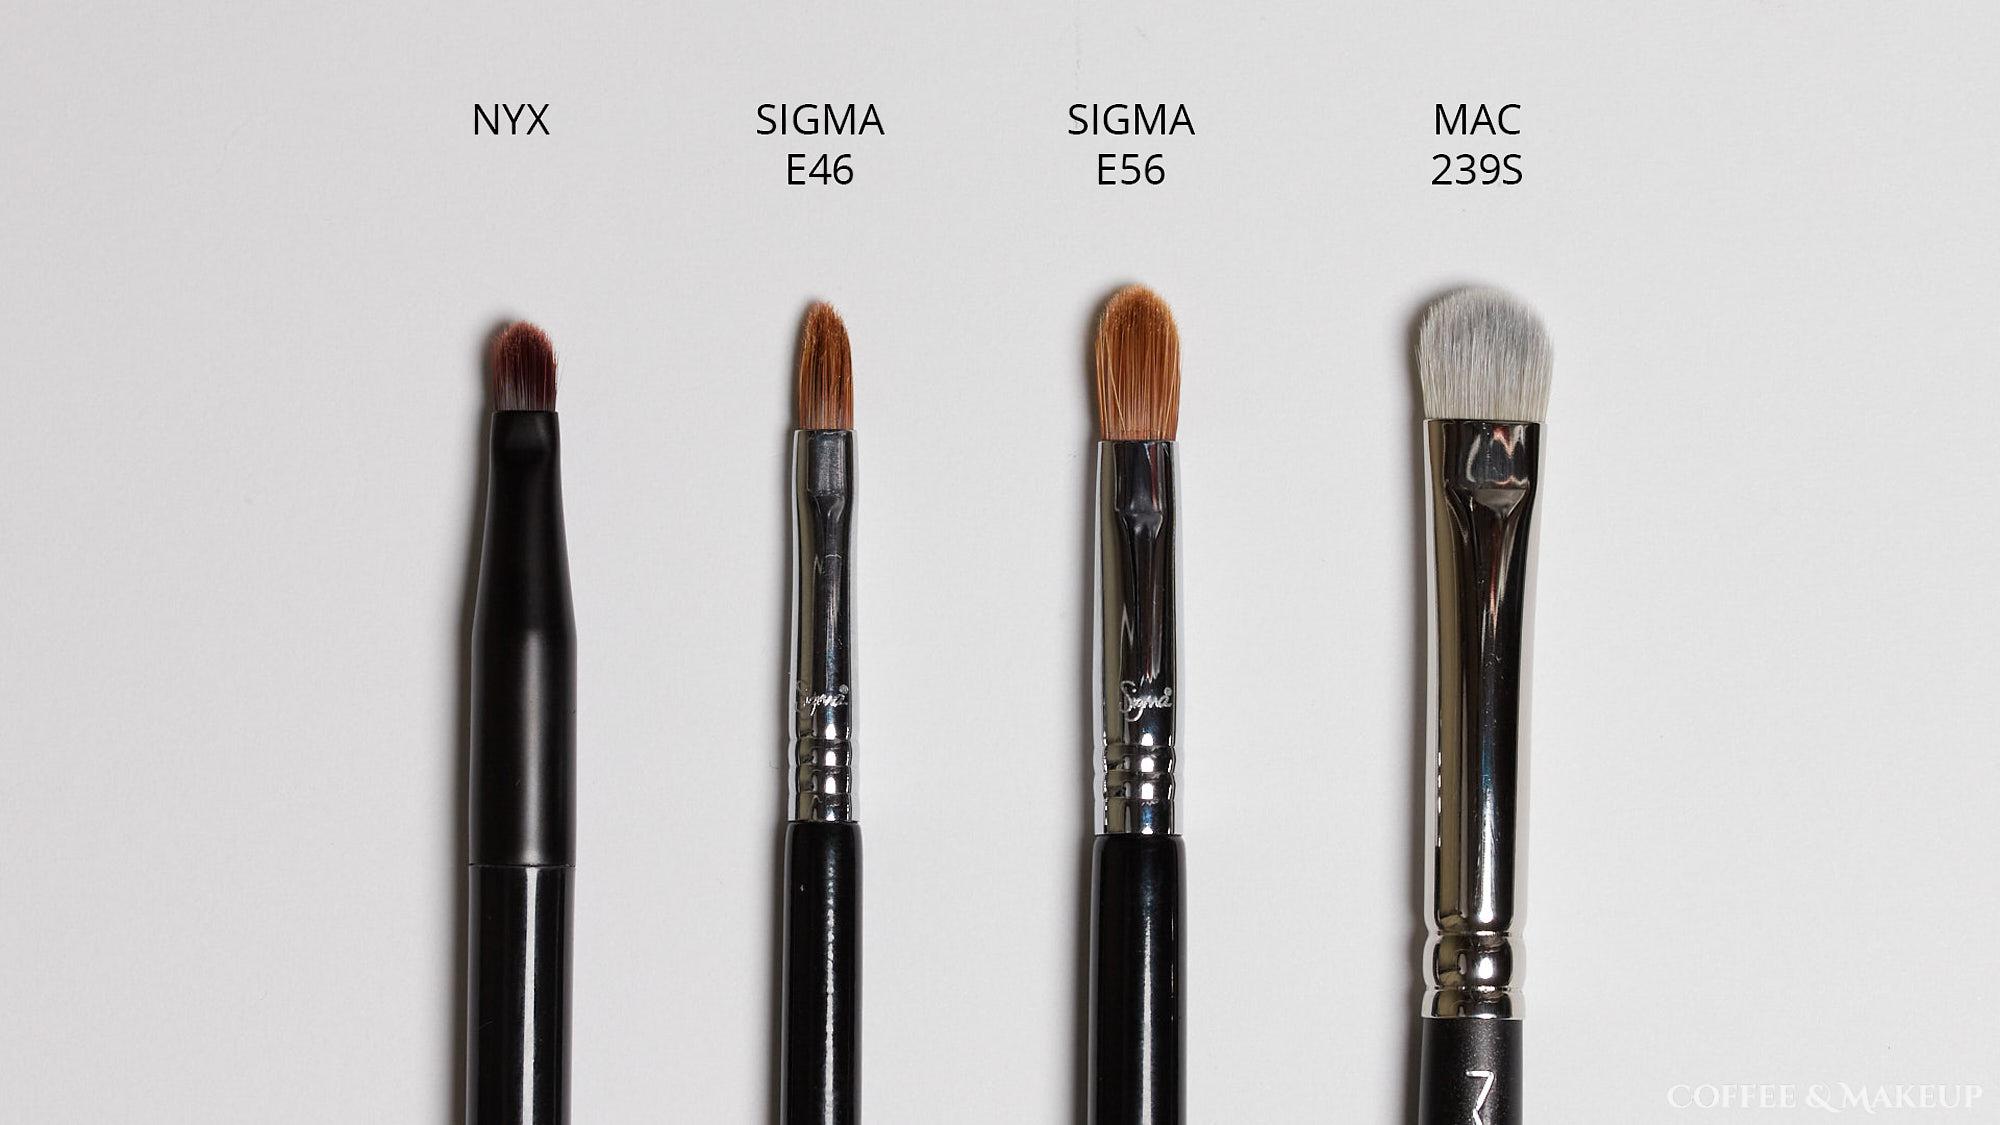 Sigma E46 Brush Comparisons